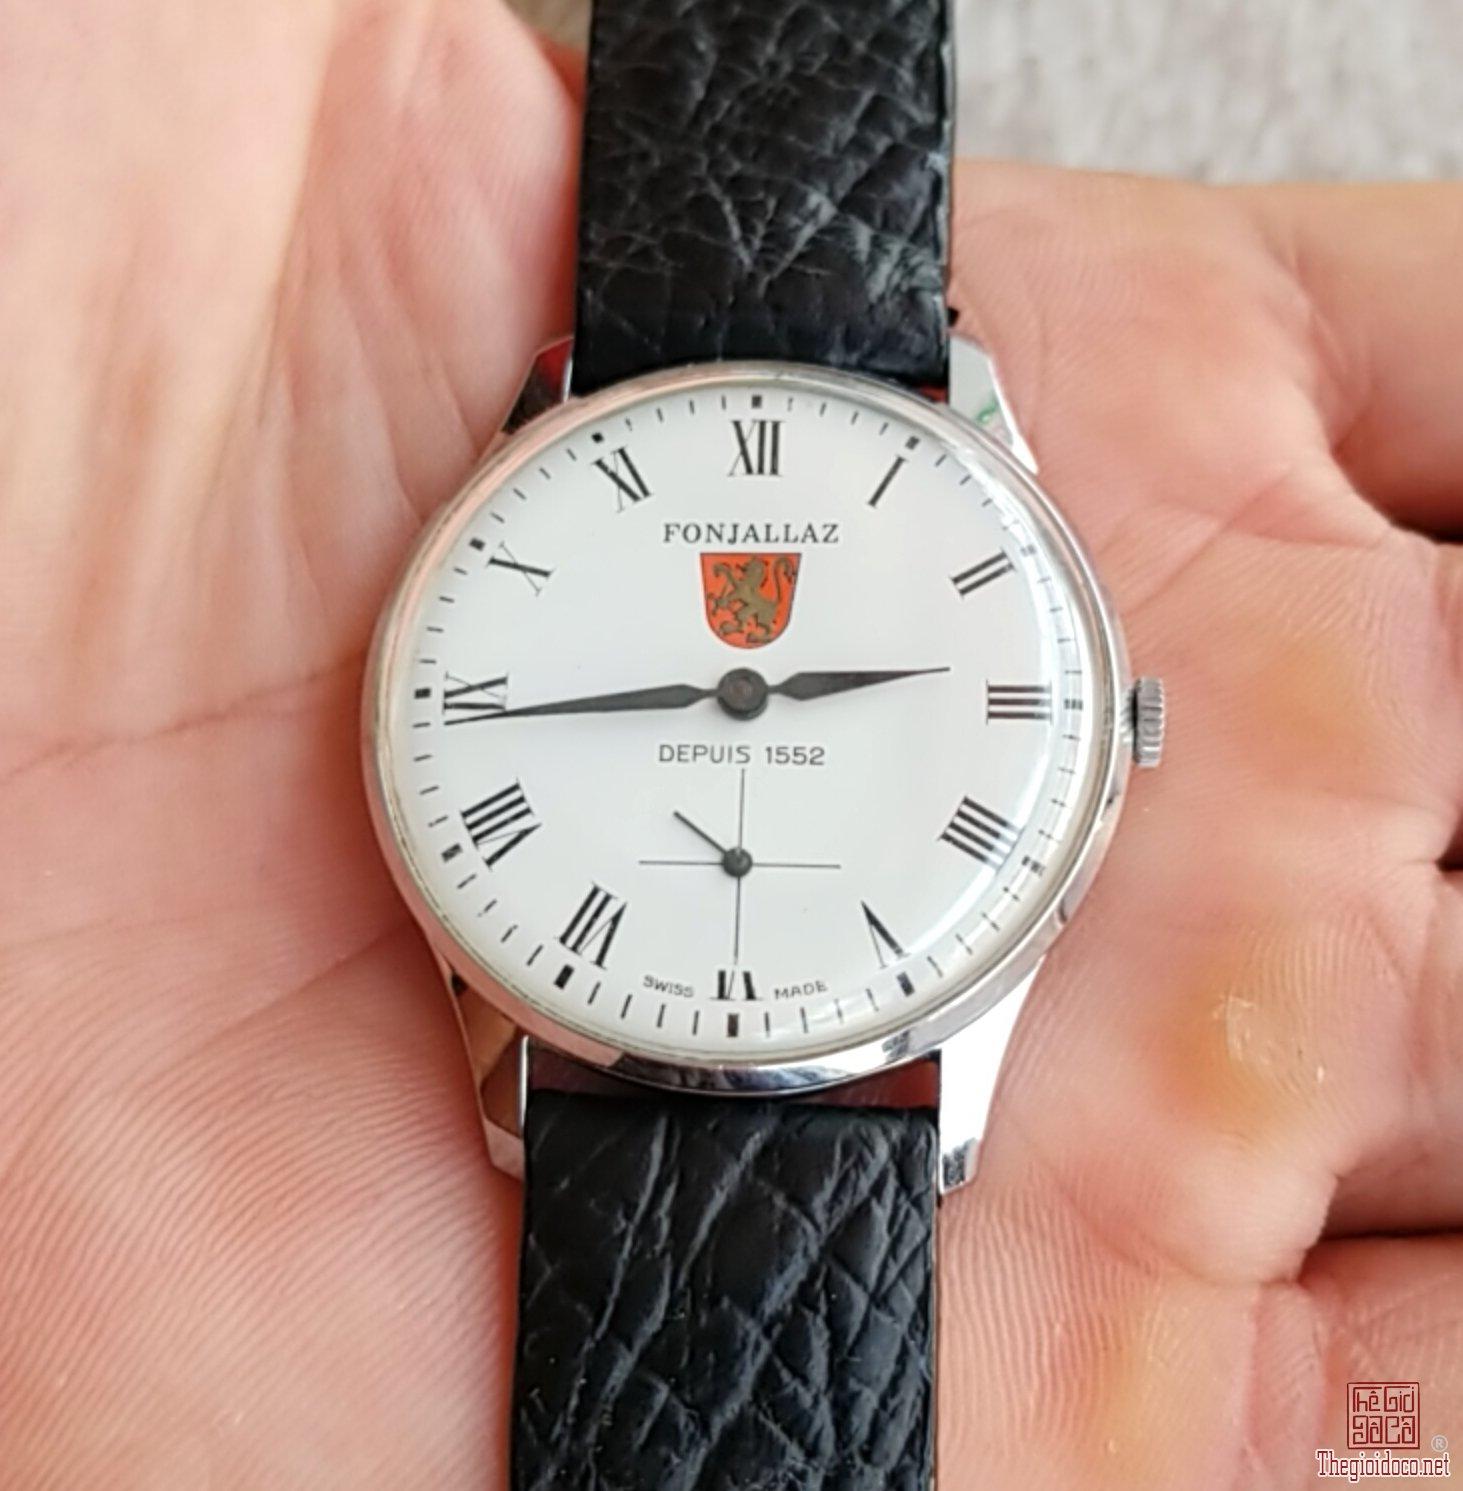 Đồng hồ xưa lên dây FONJALLAZ Thụy Sỹ